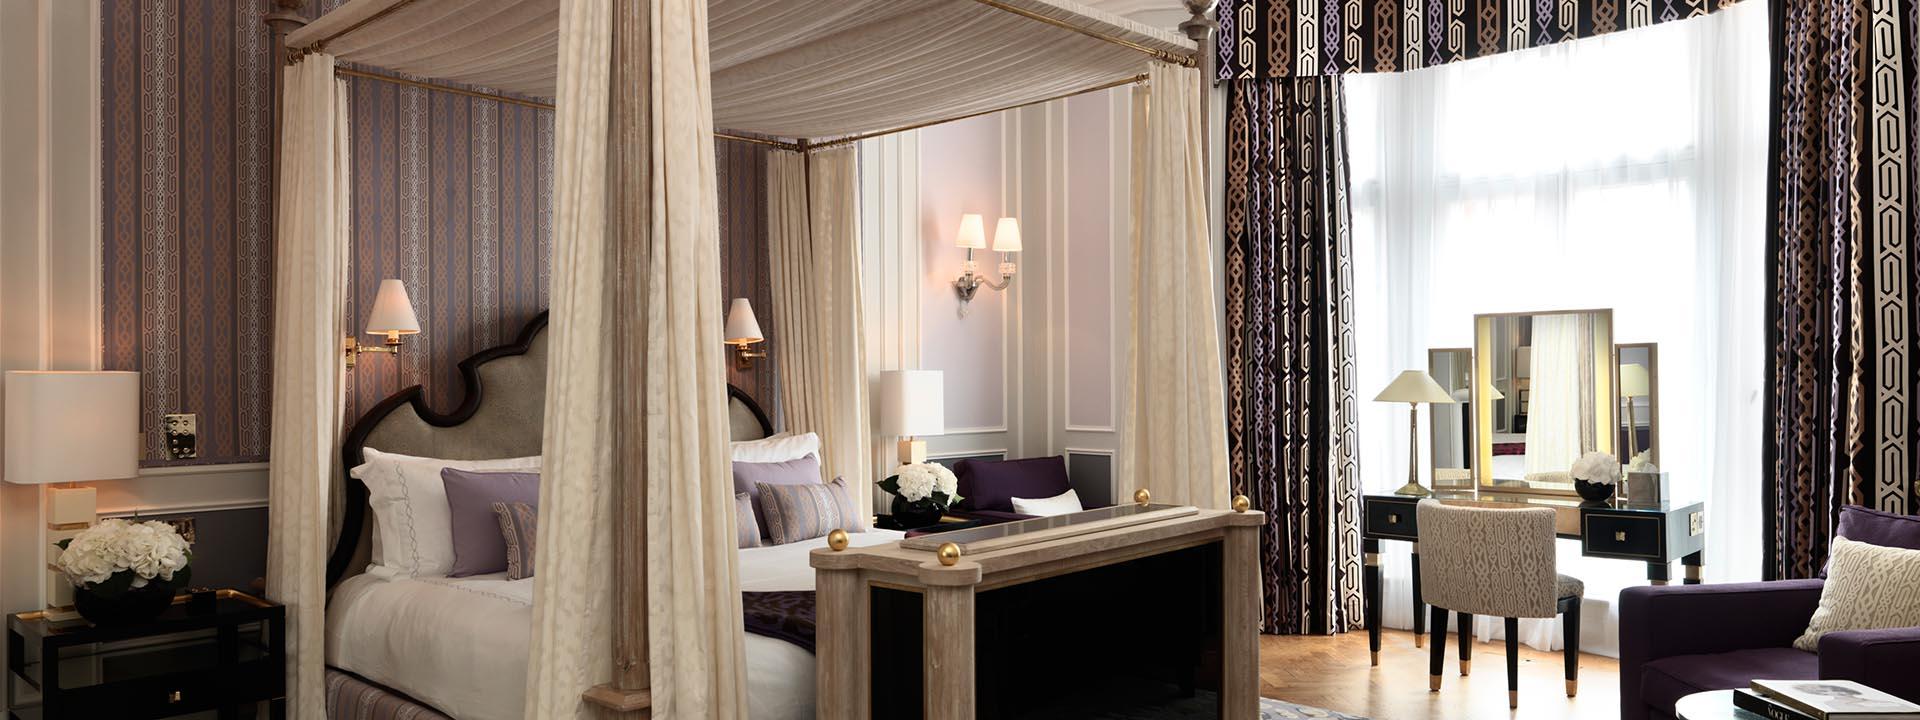 Cama com tenda beduína de seda na Grand Piano Suite em hotel de luxo